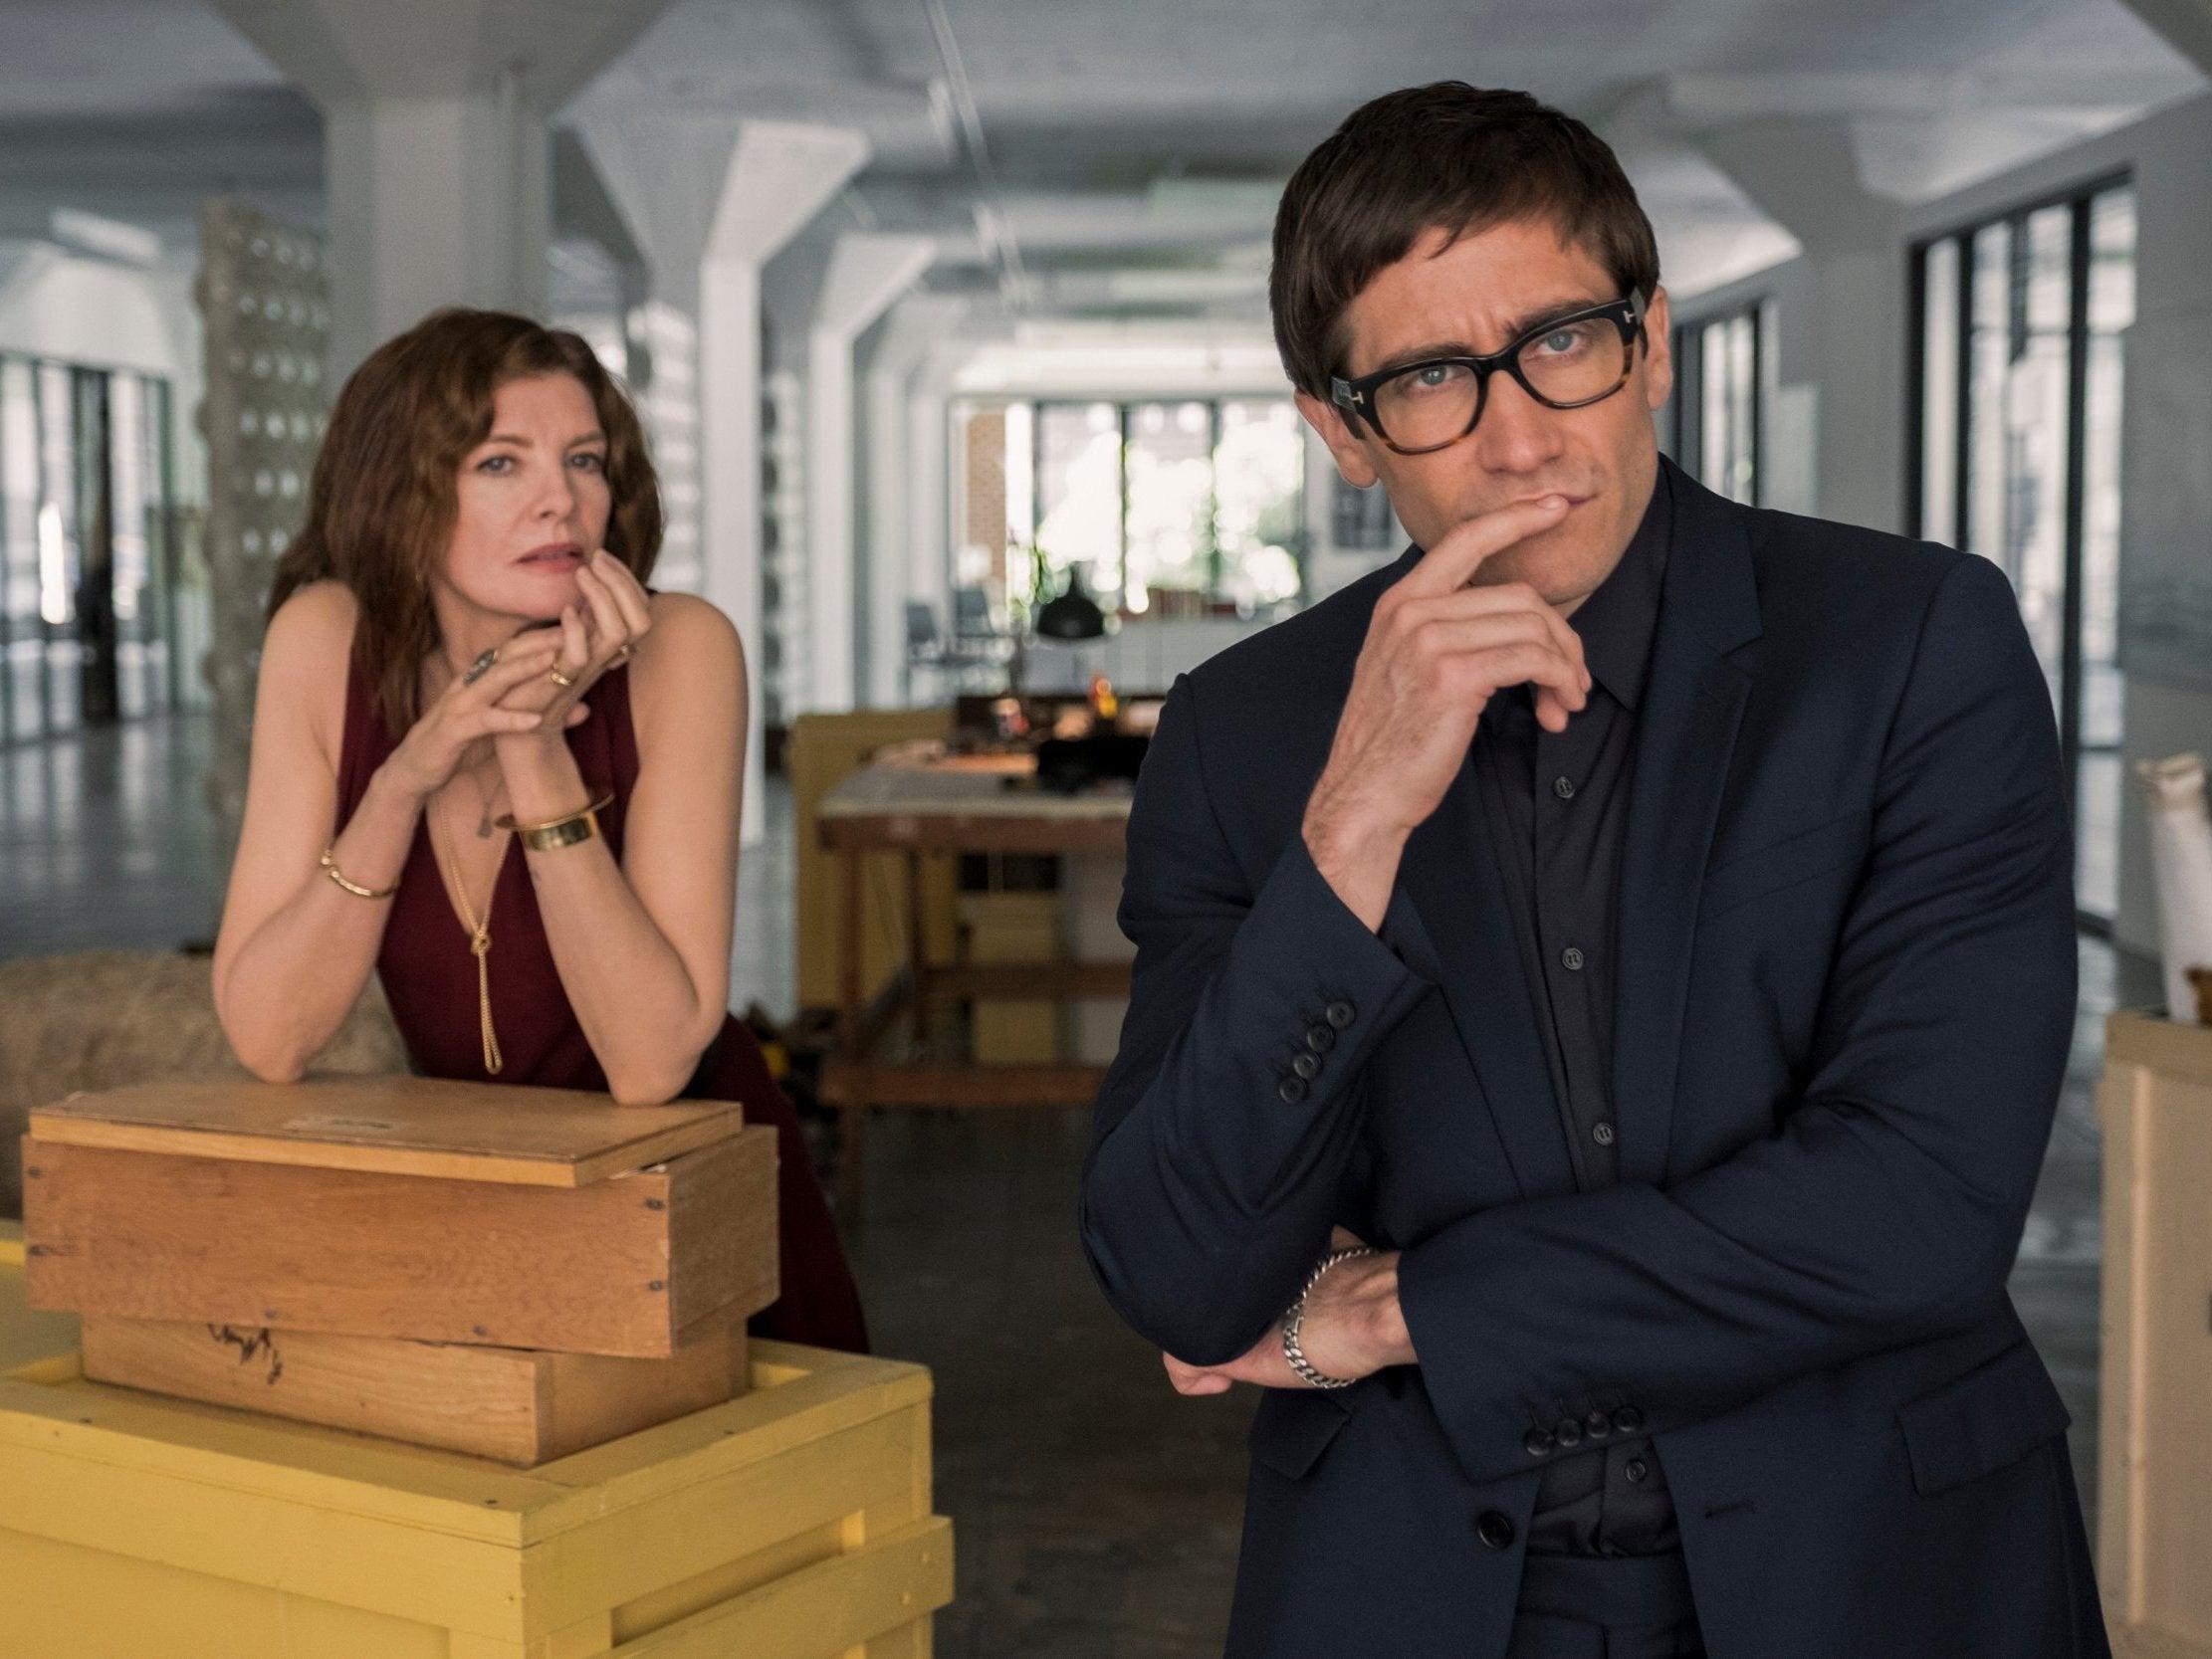 Velvet Buzzsaw trailer: Jake Gyllenhaal stars in new Netflix horror